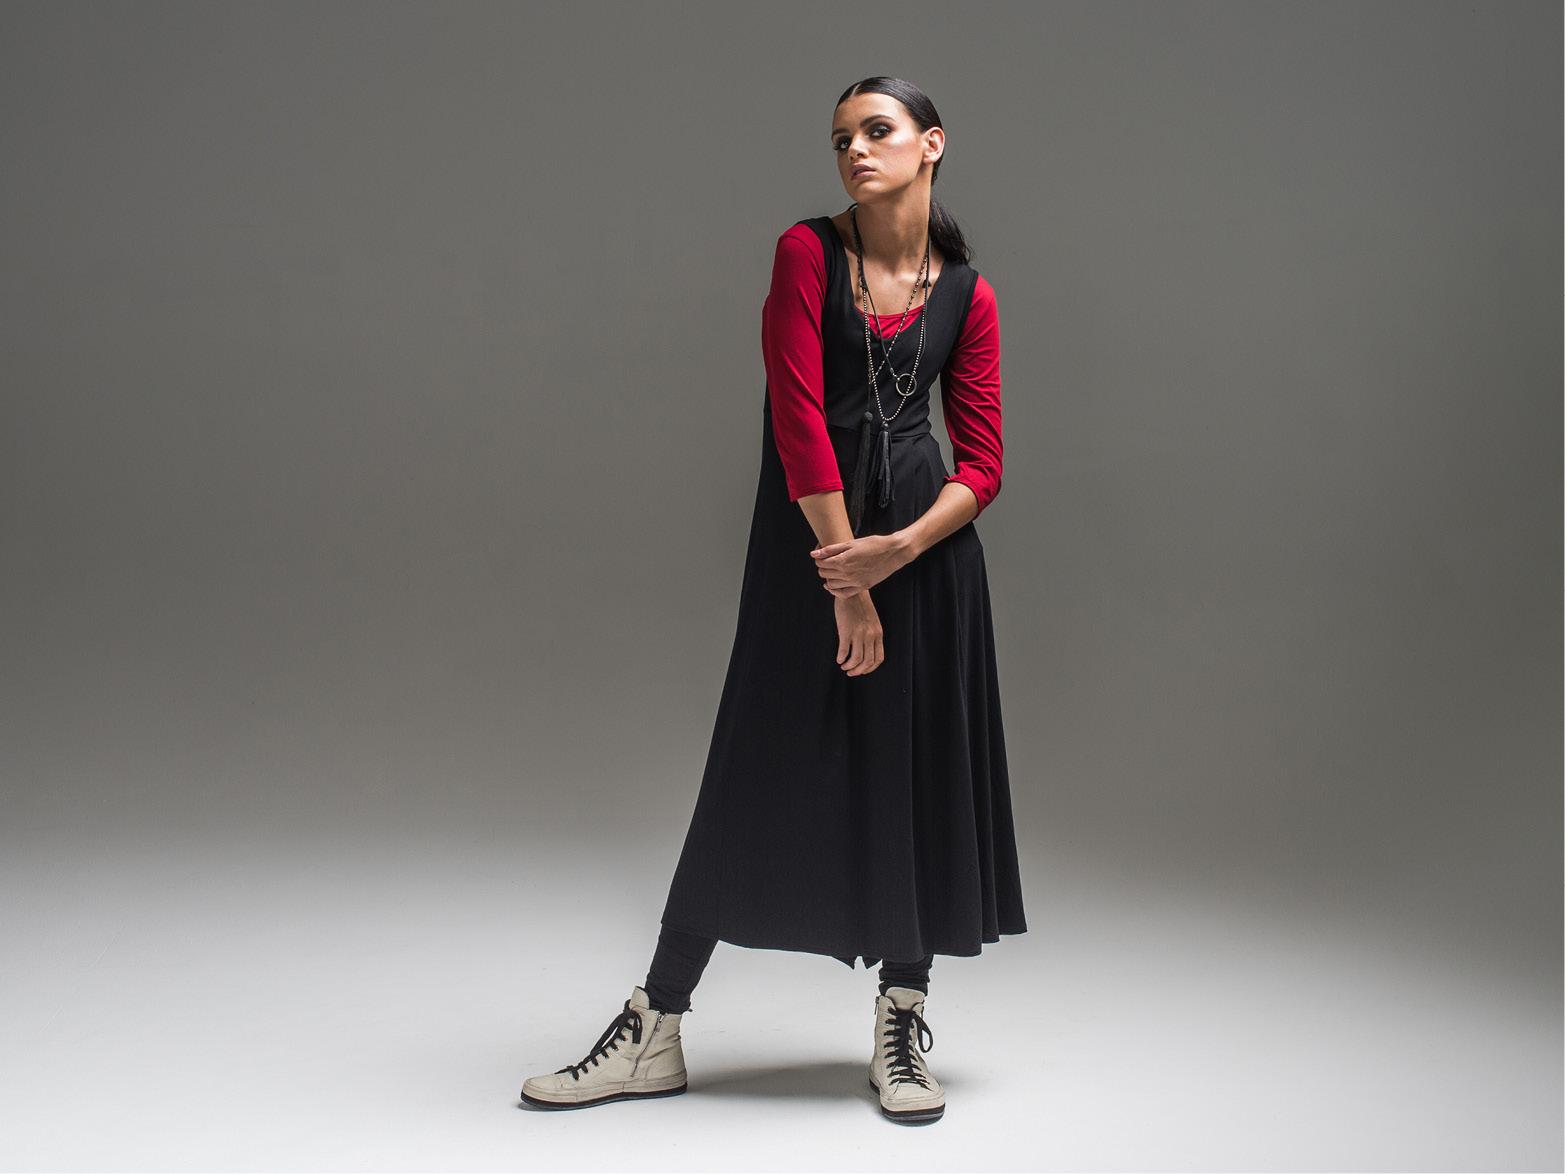 Yvette 3/4 top, Lanky legs + Lark dress